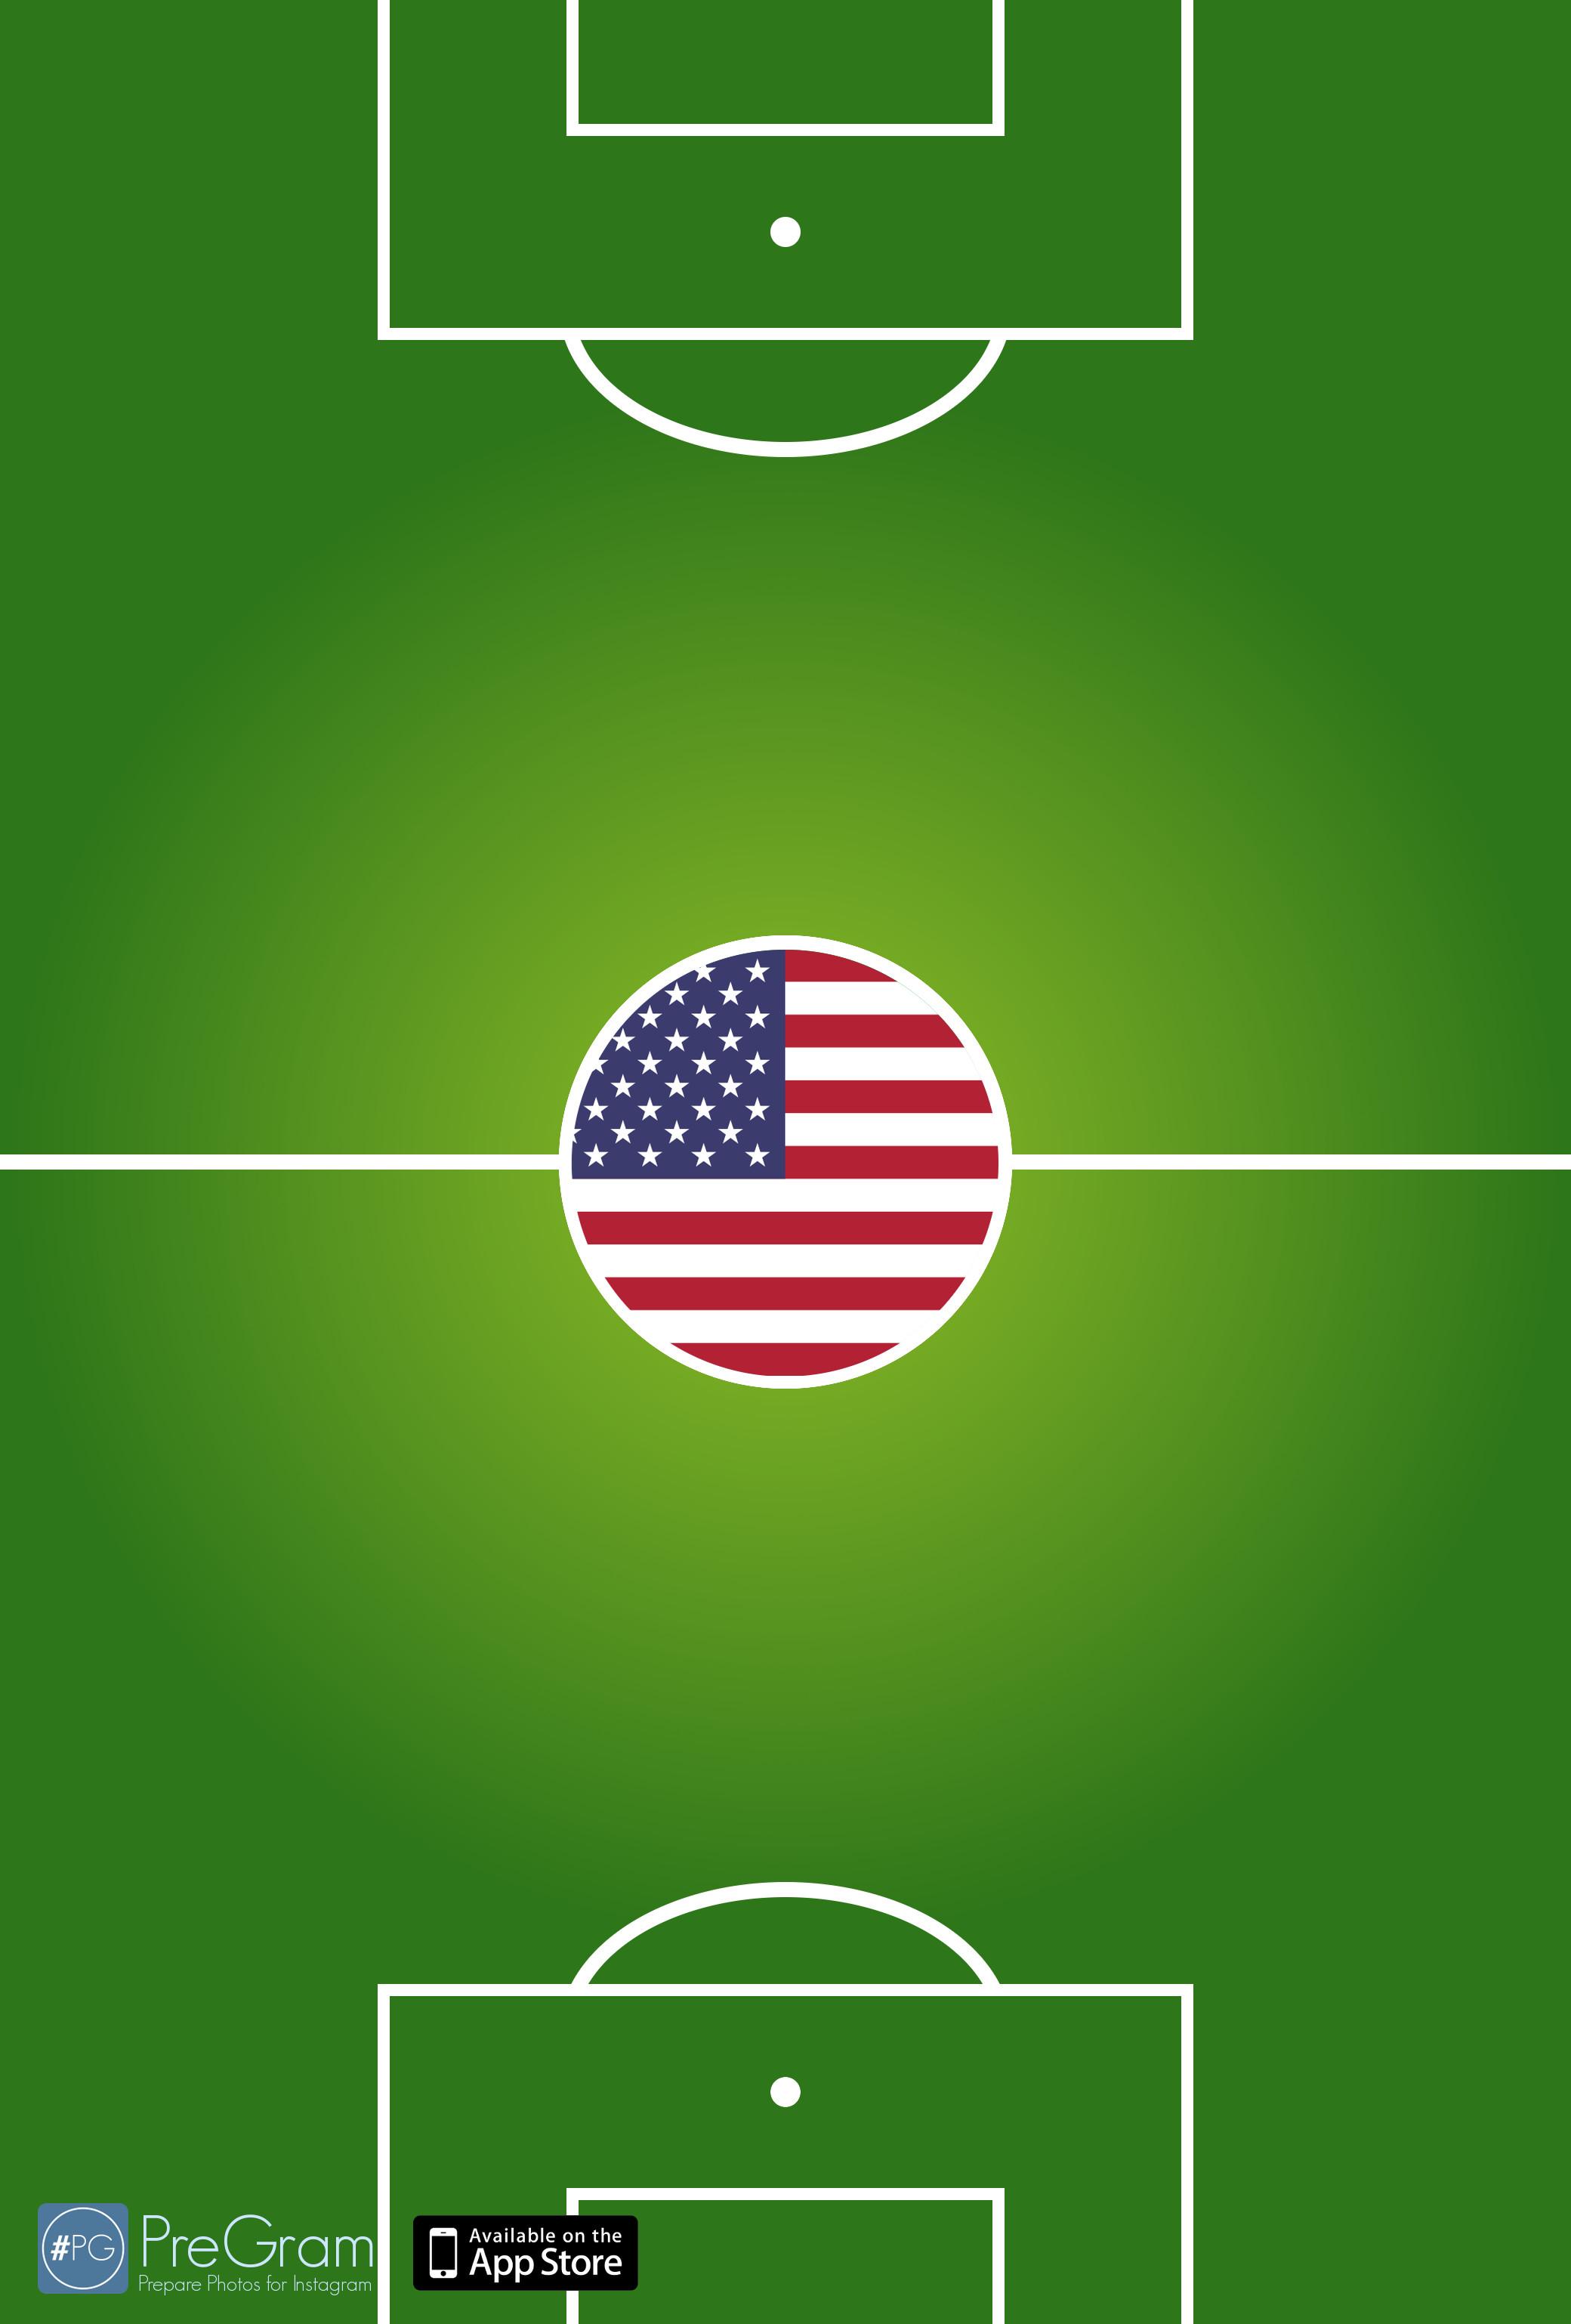 Fifa, Football, Soccer, World Cup, Brazil, iPhone, Wallpaper